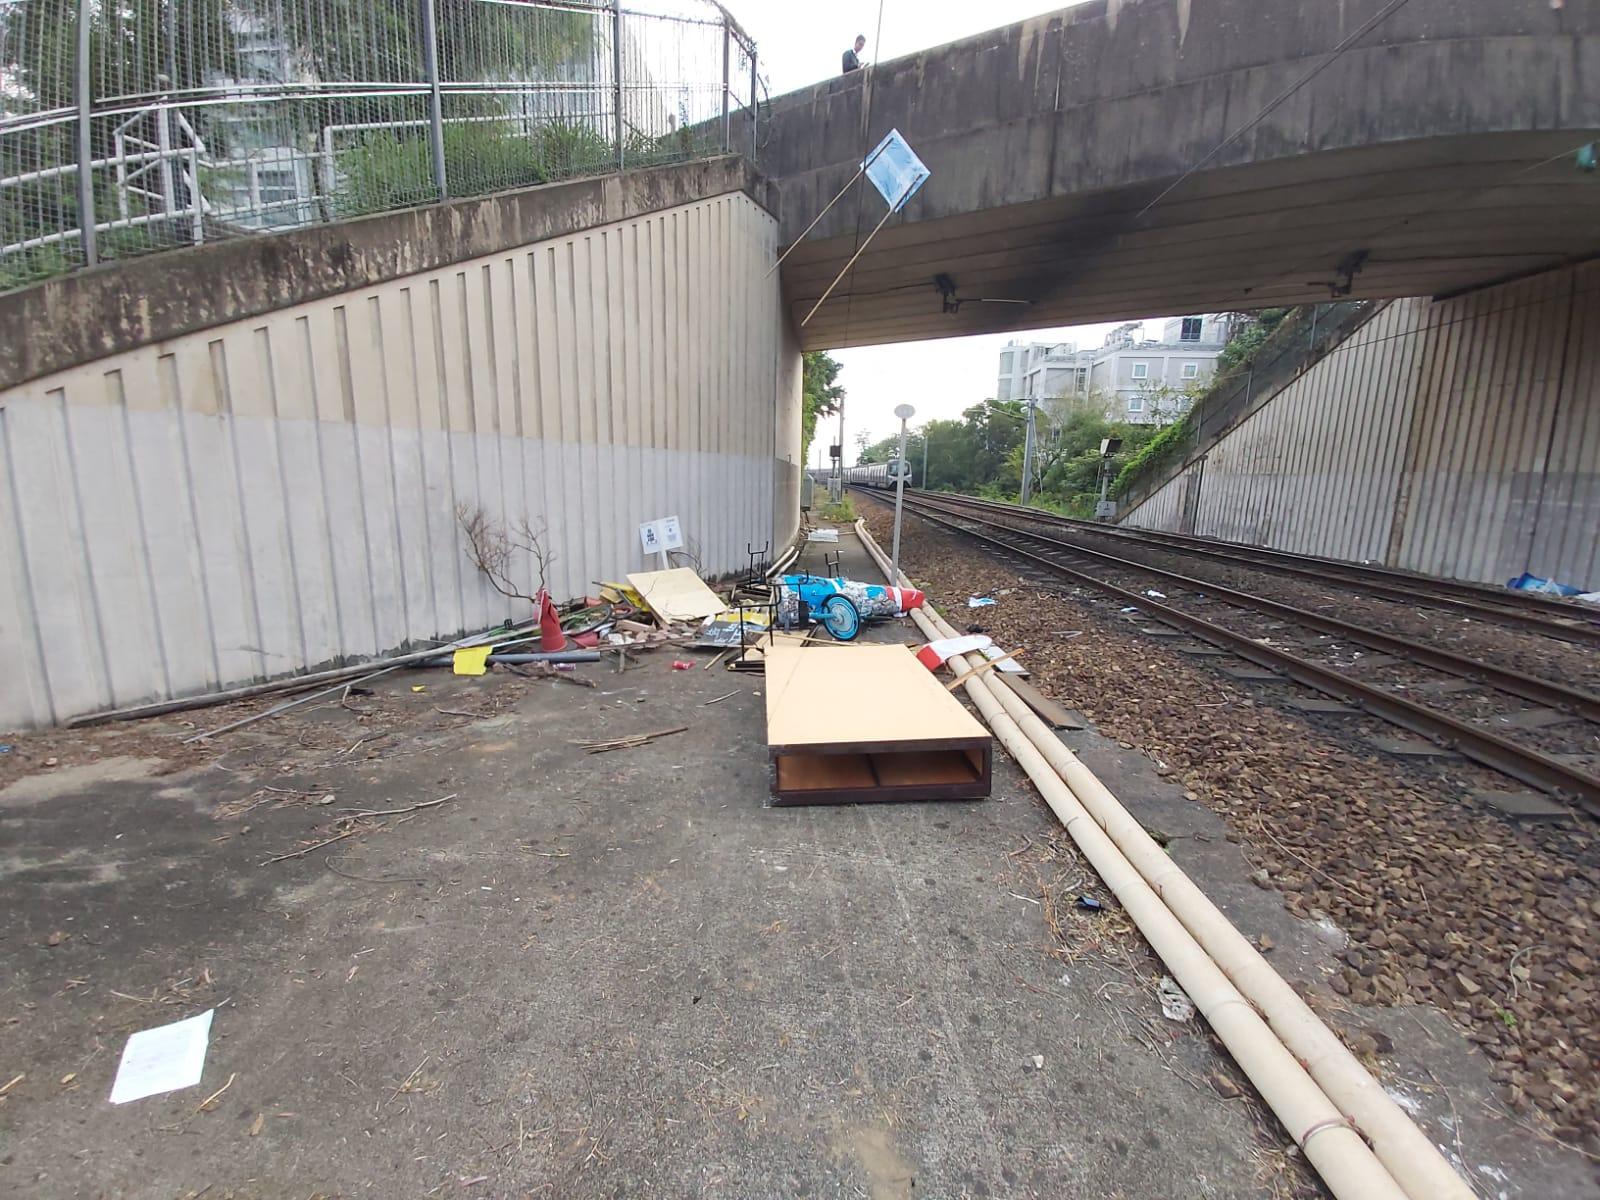 港铁遭暴徒投掷汽油弹 港铁公司